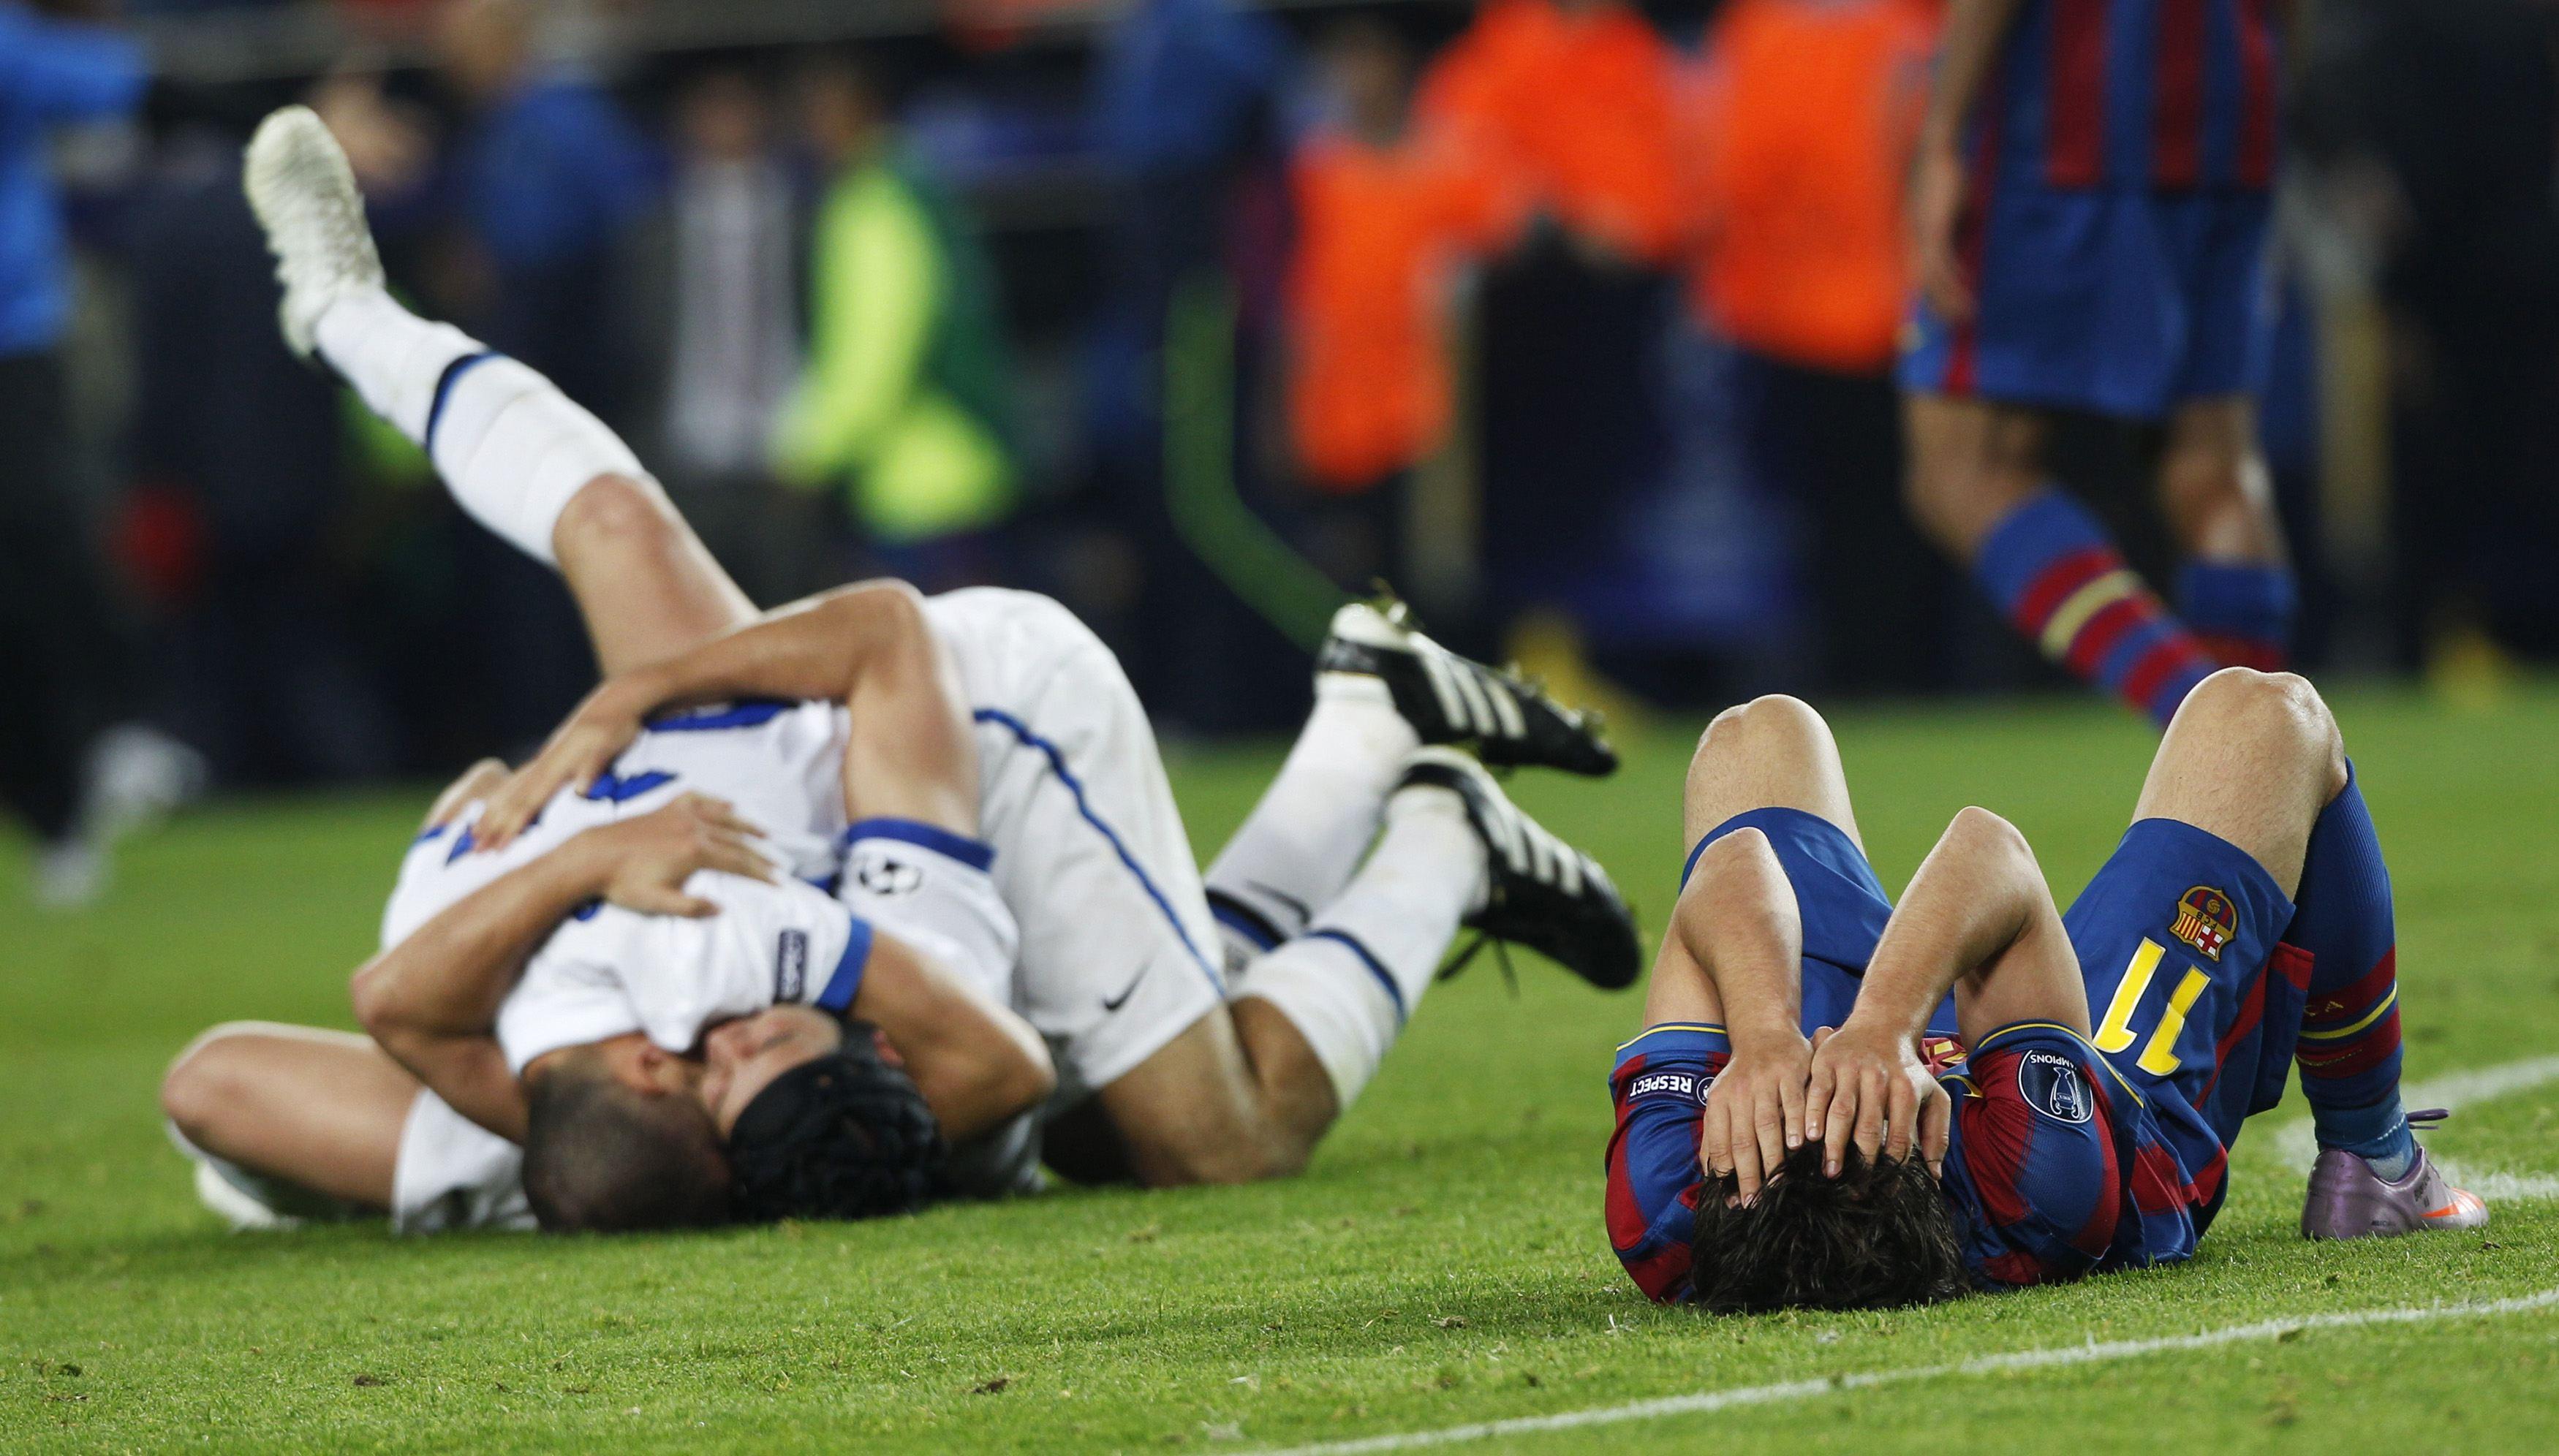 Сексуальная жизнь футболистов на футбольном поле самые прикольные фото 8 фотография